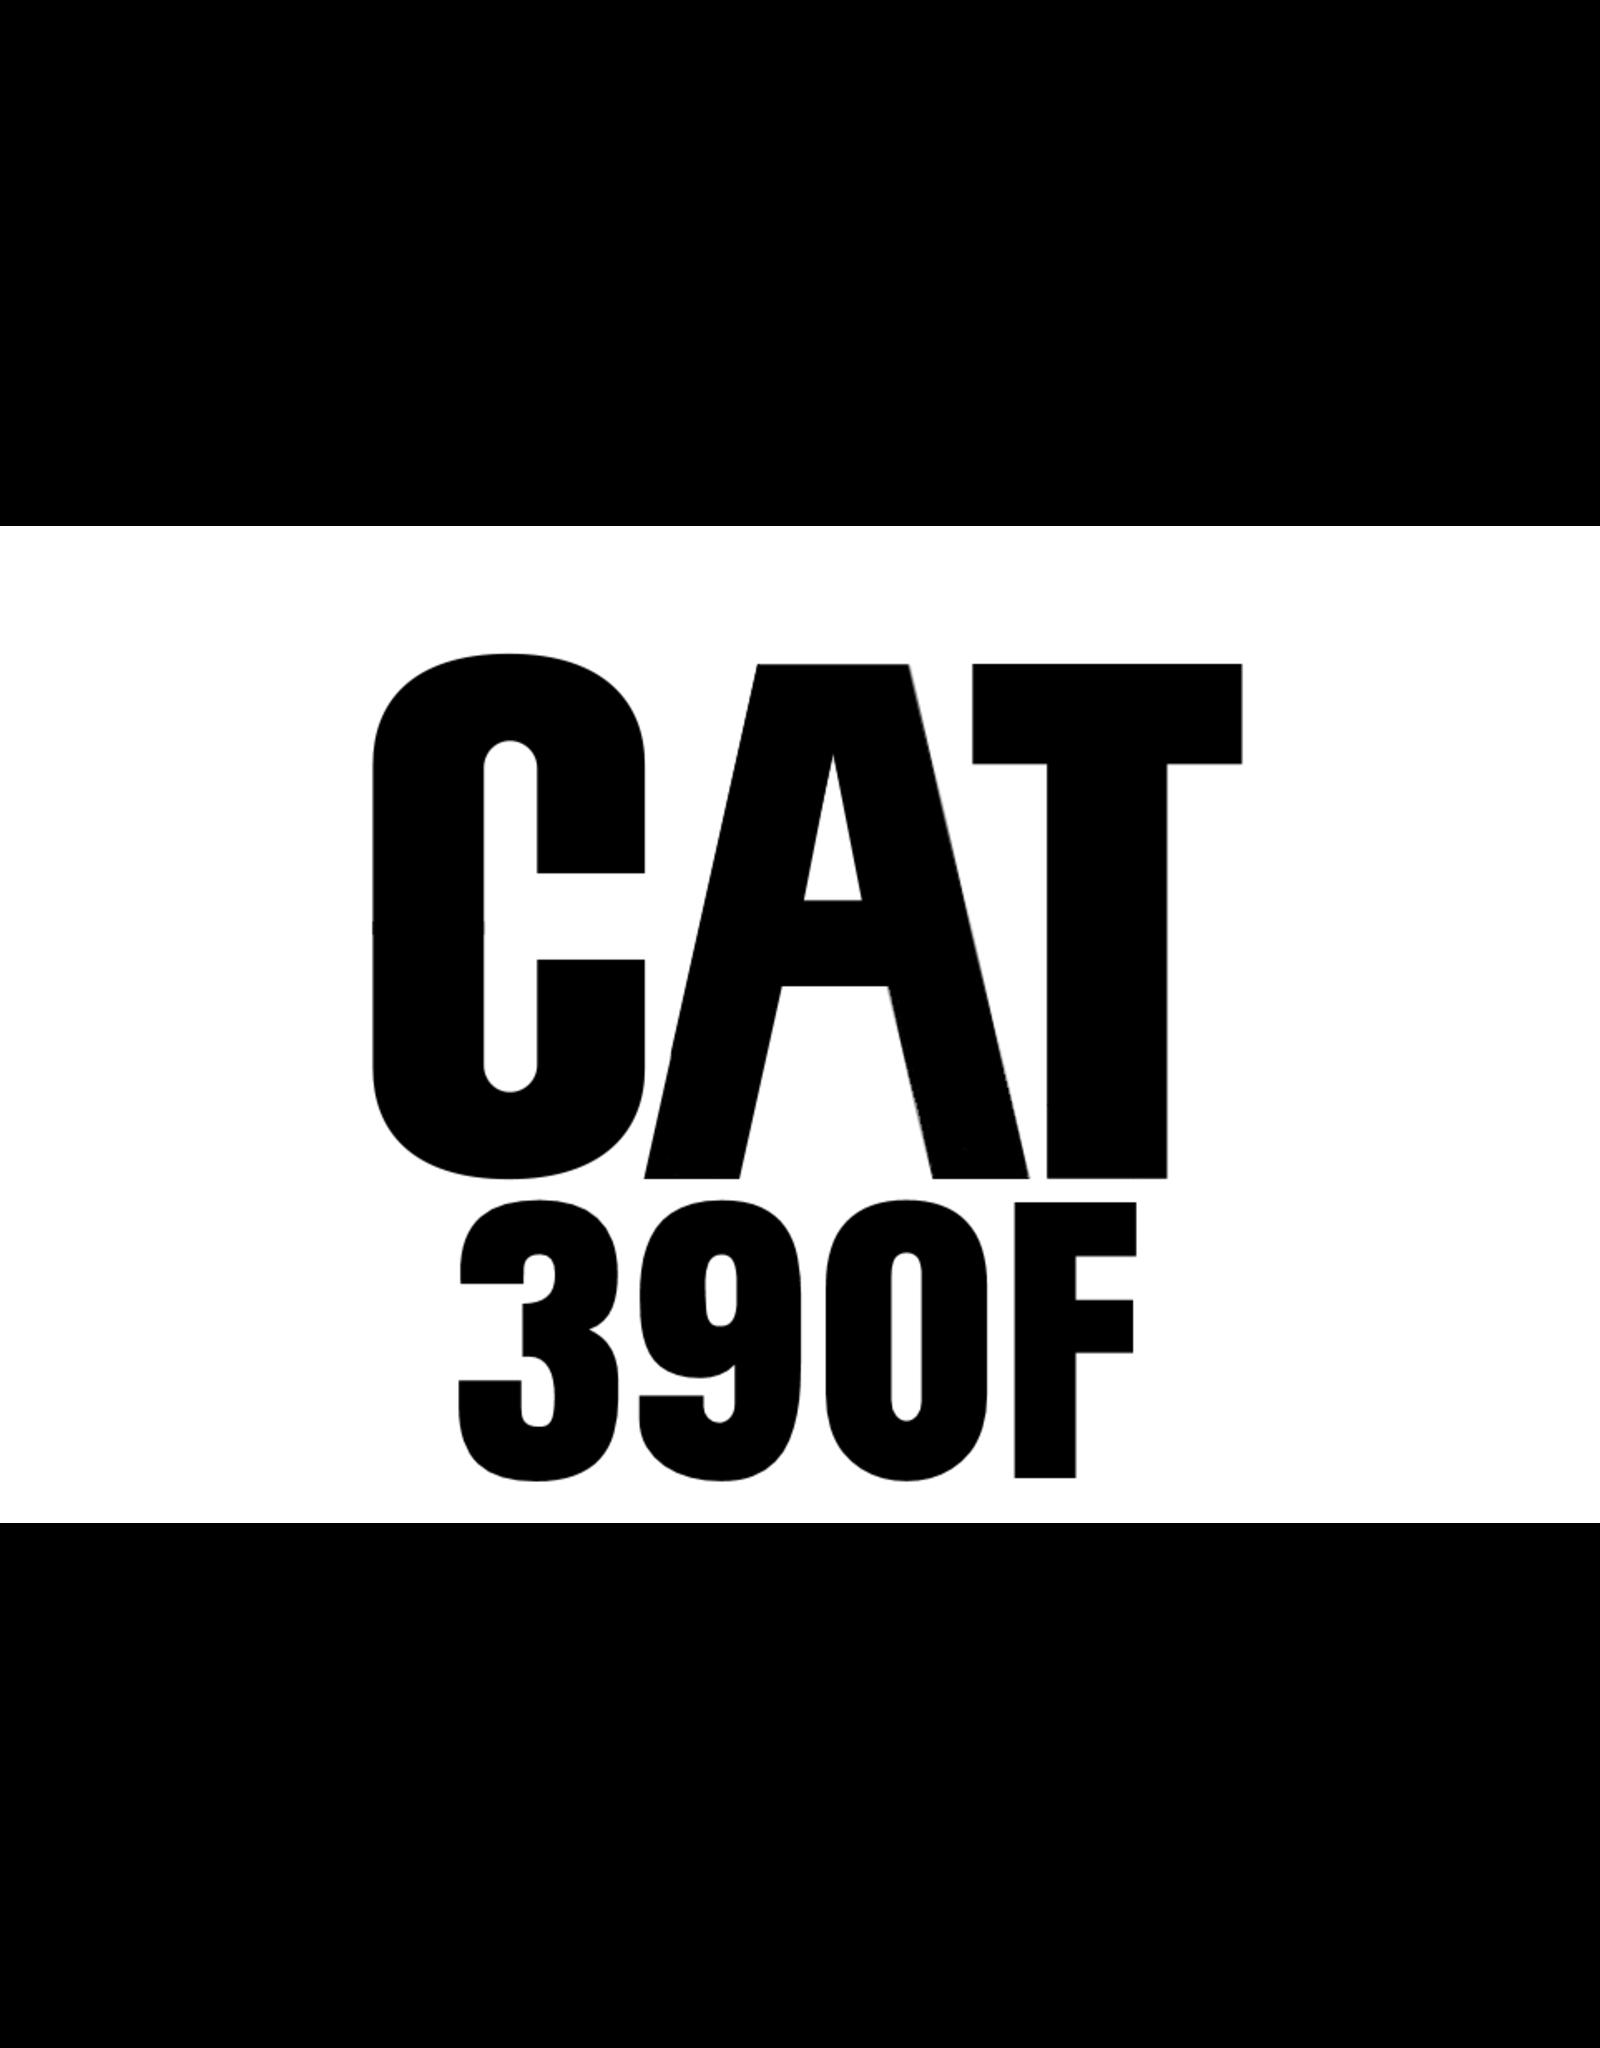 Echle Hartstahl GmbH FOPS pour CAT 390F